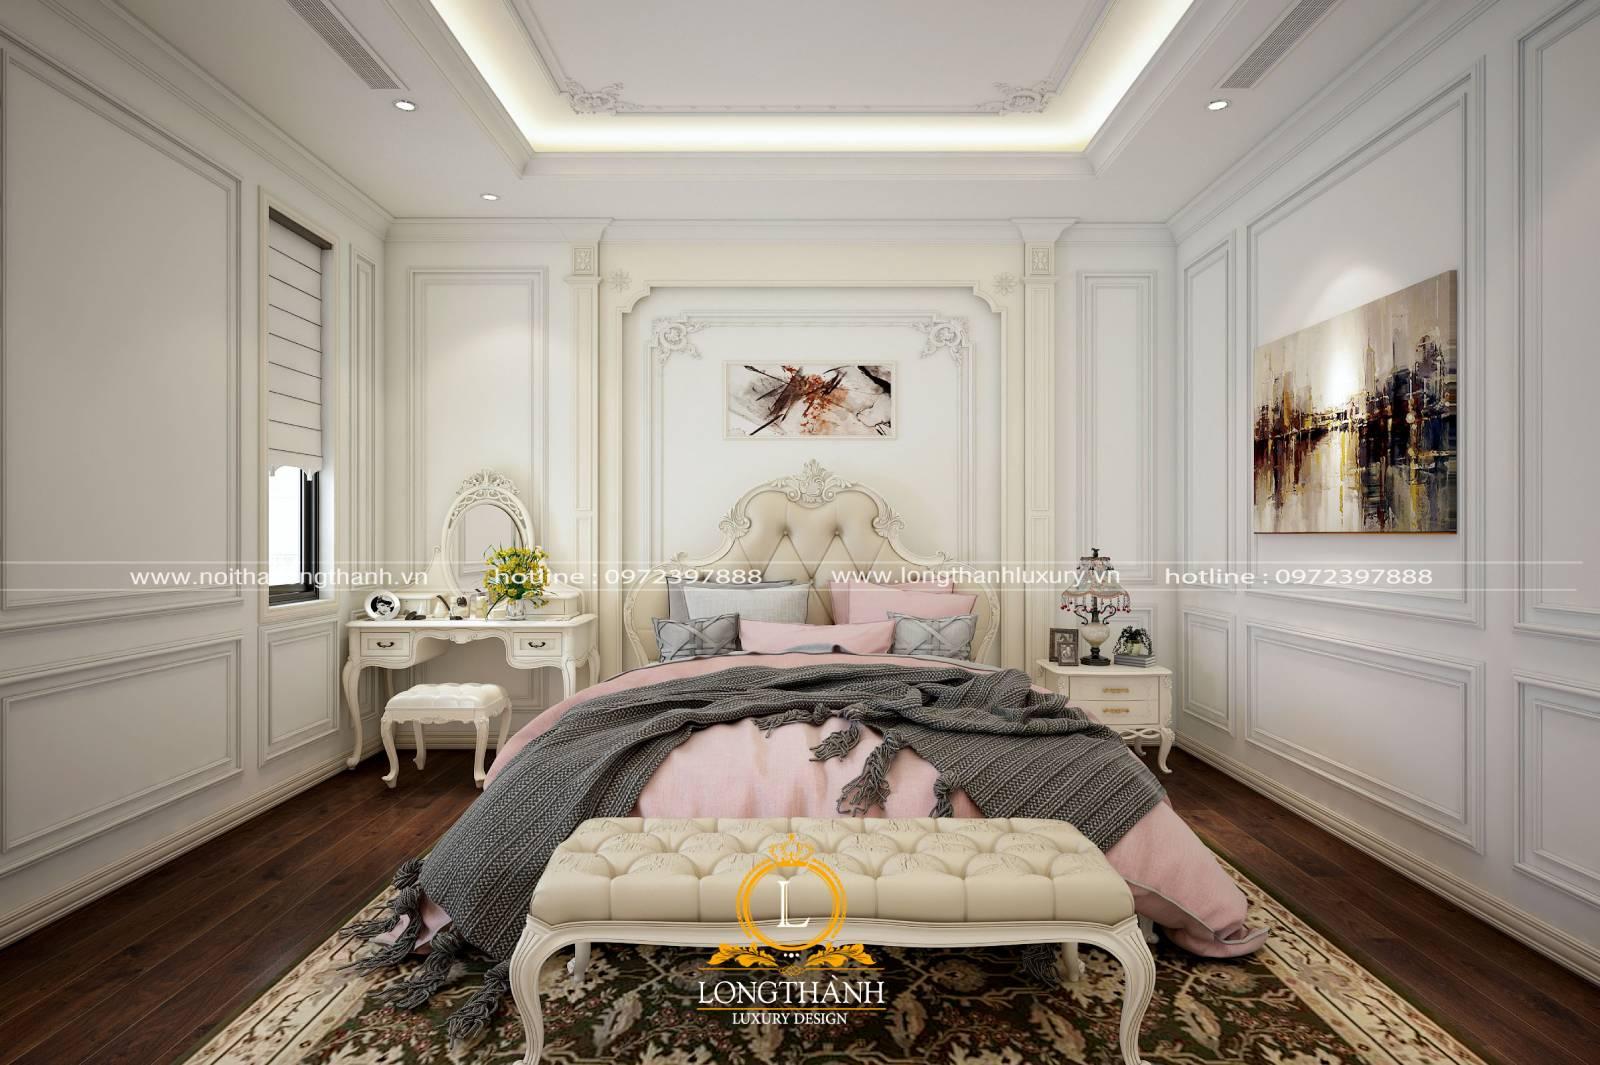 Cách bố trí tranh ảnh treo tường tự nhiên hài hòa trong phòng ngủ hiện đại